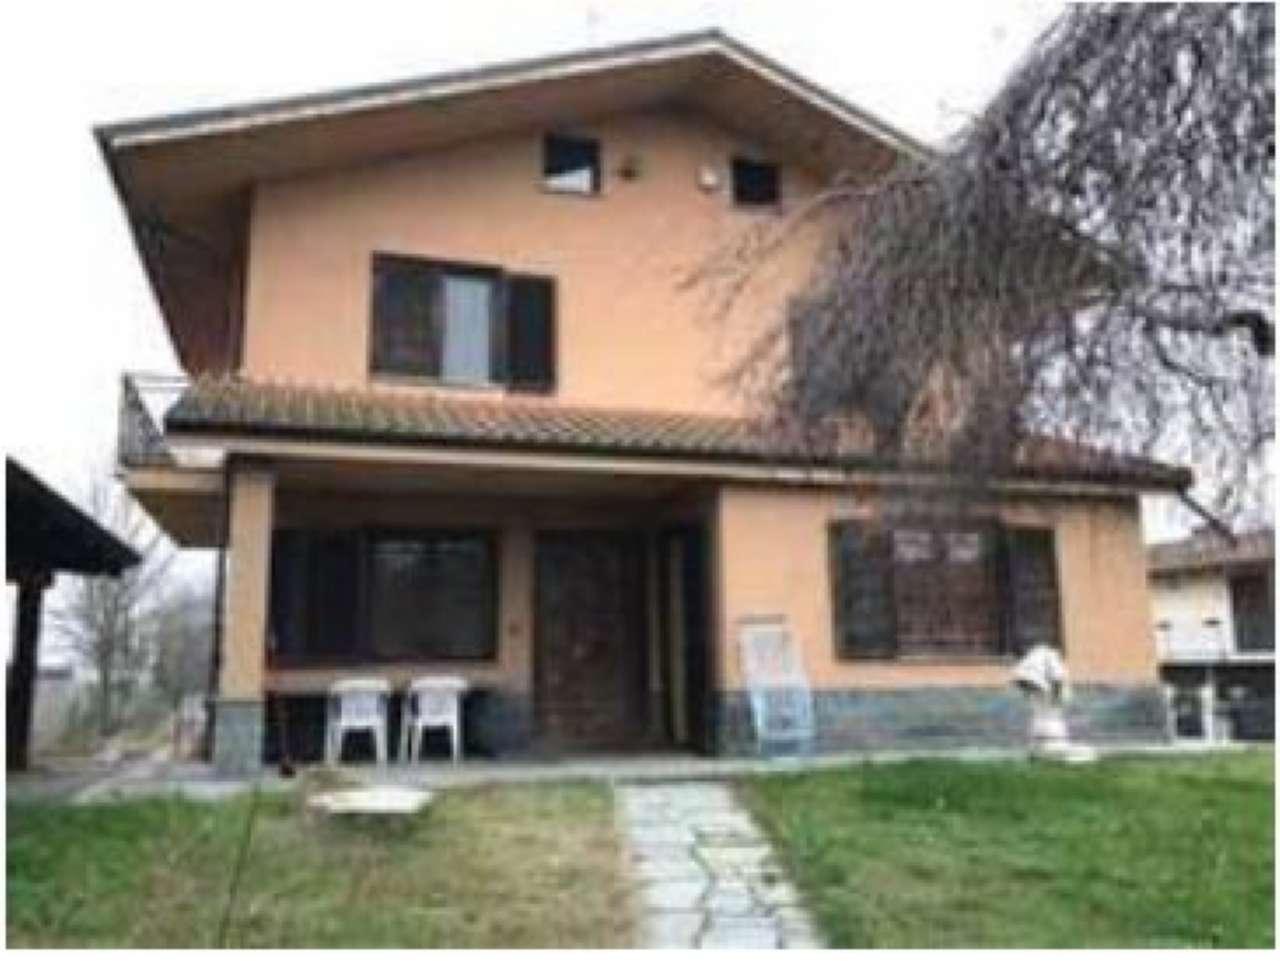 Soluzione Indipendente in vendita a Castagnole Piemonte, 6 locali, prezzo € 102.000 | PortaleAgenzieImmobiliari.it